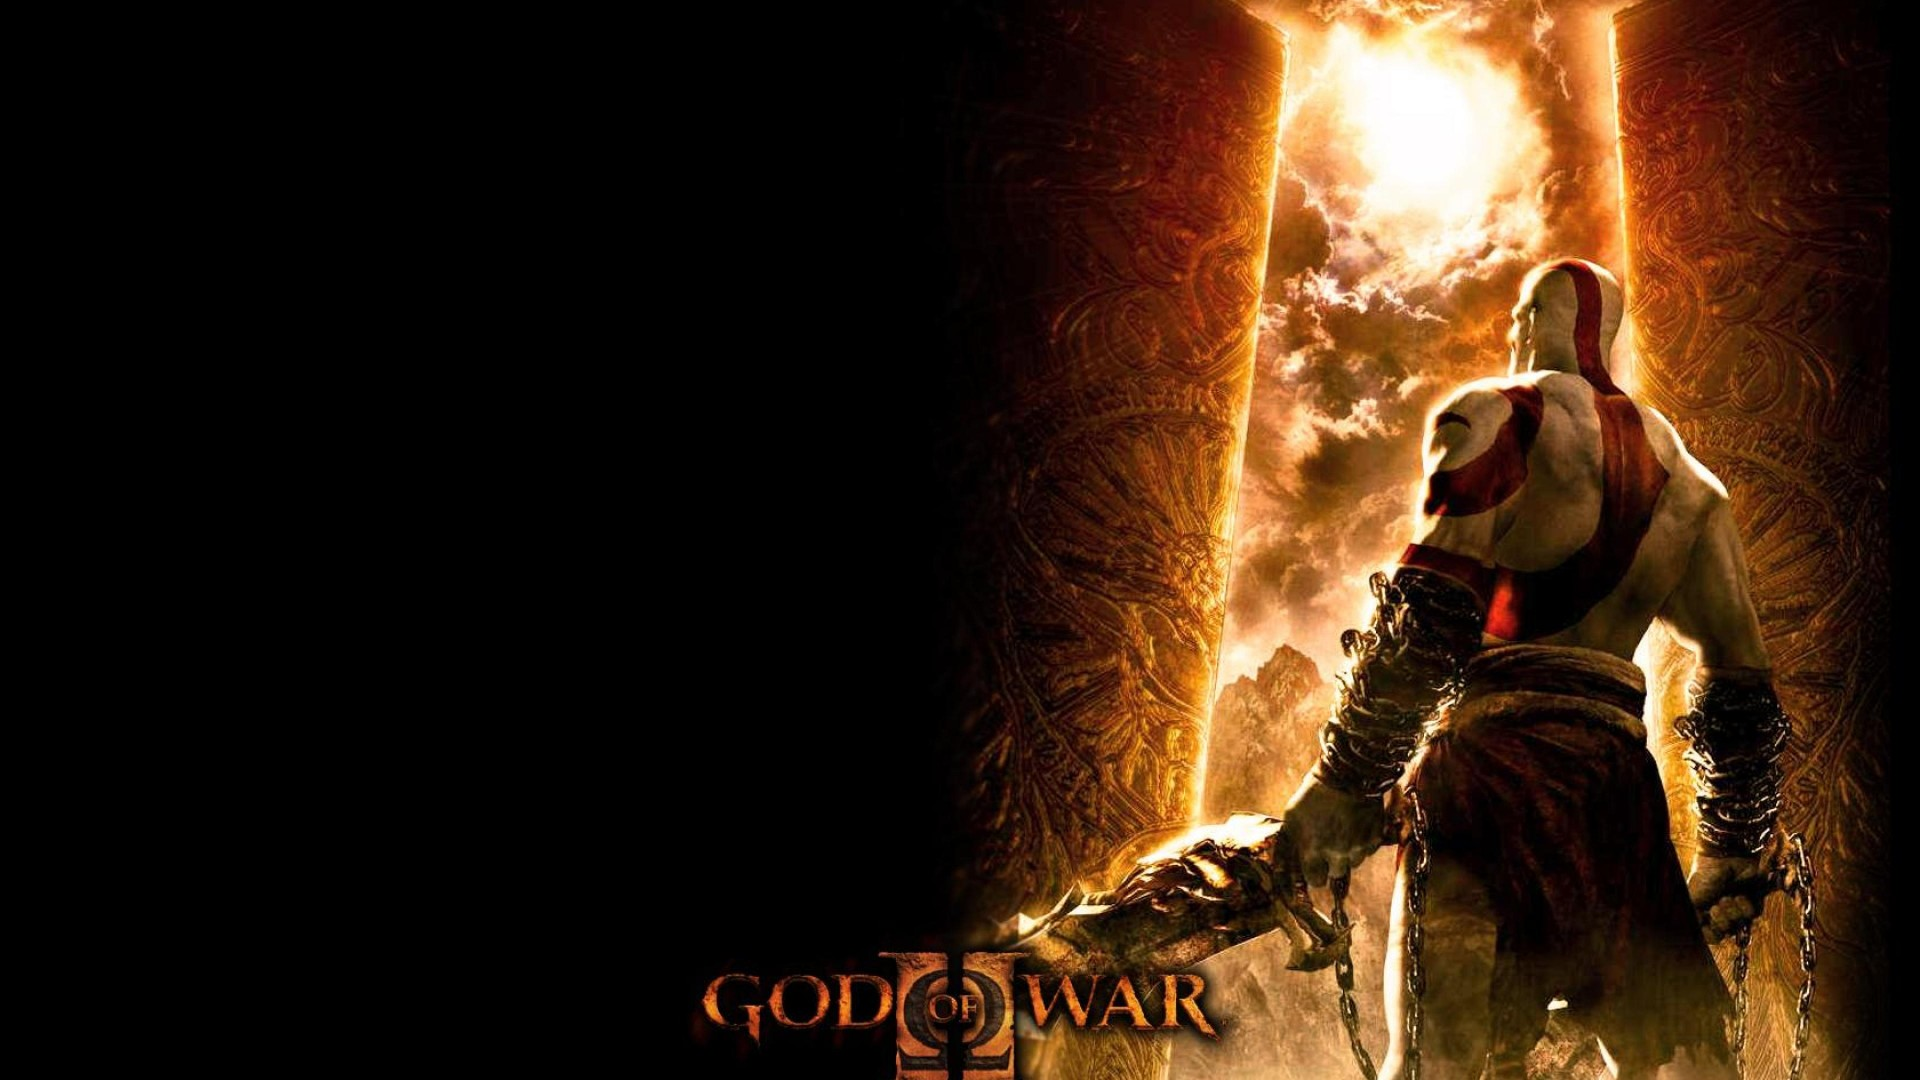 Wallpaper God Of War 4k E3 2017 Screenshot Games 14341